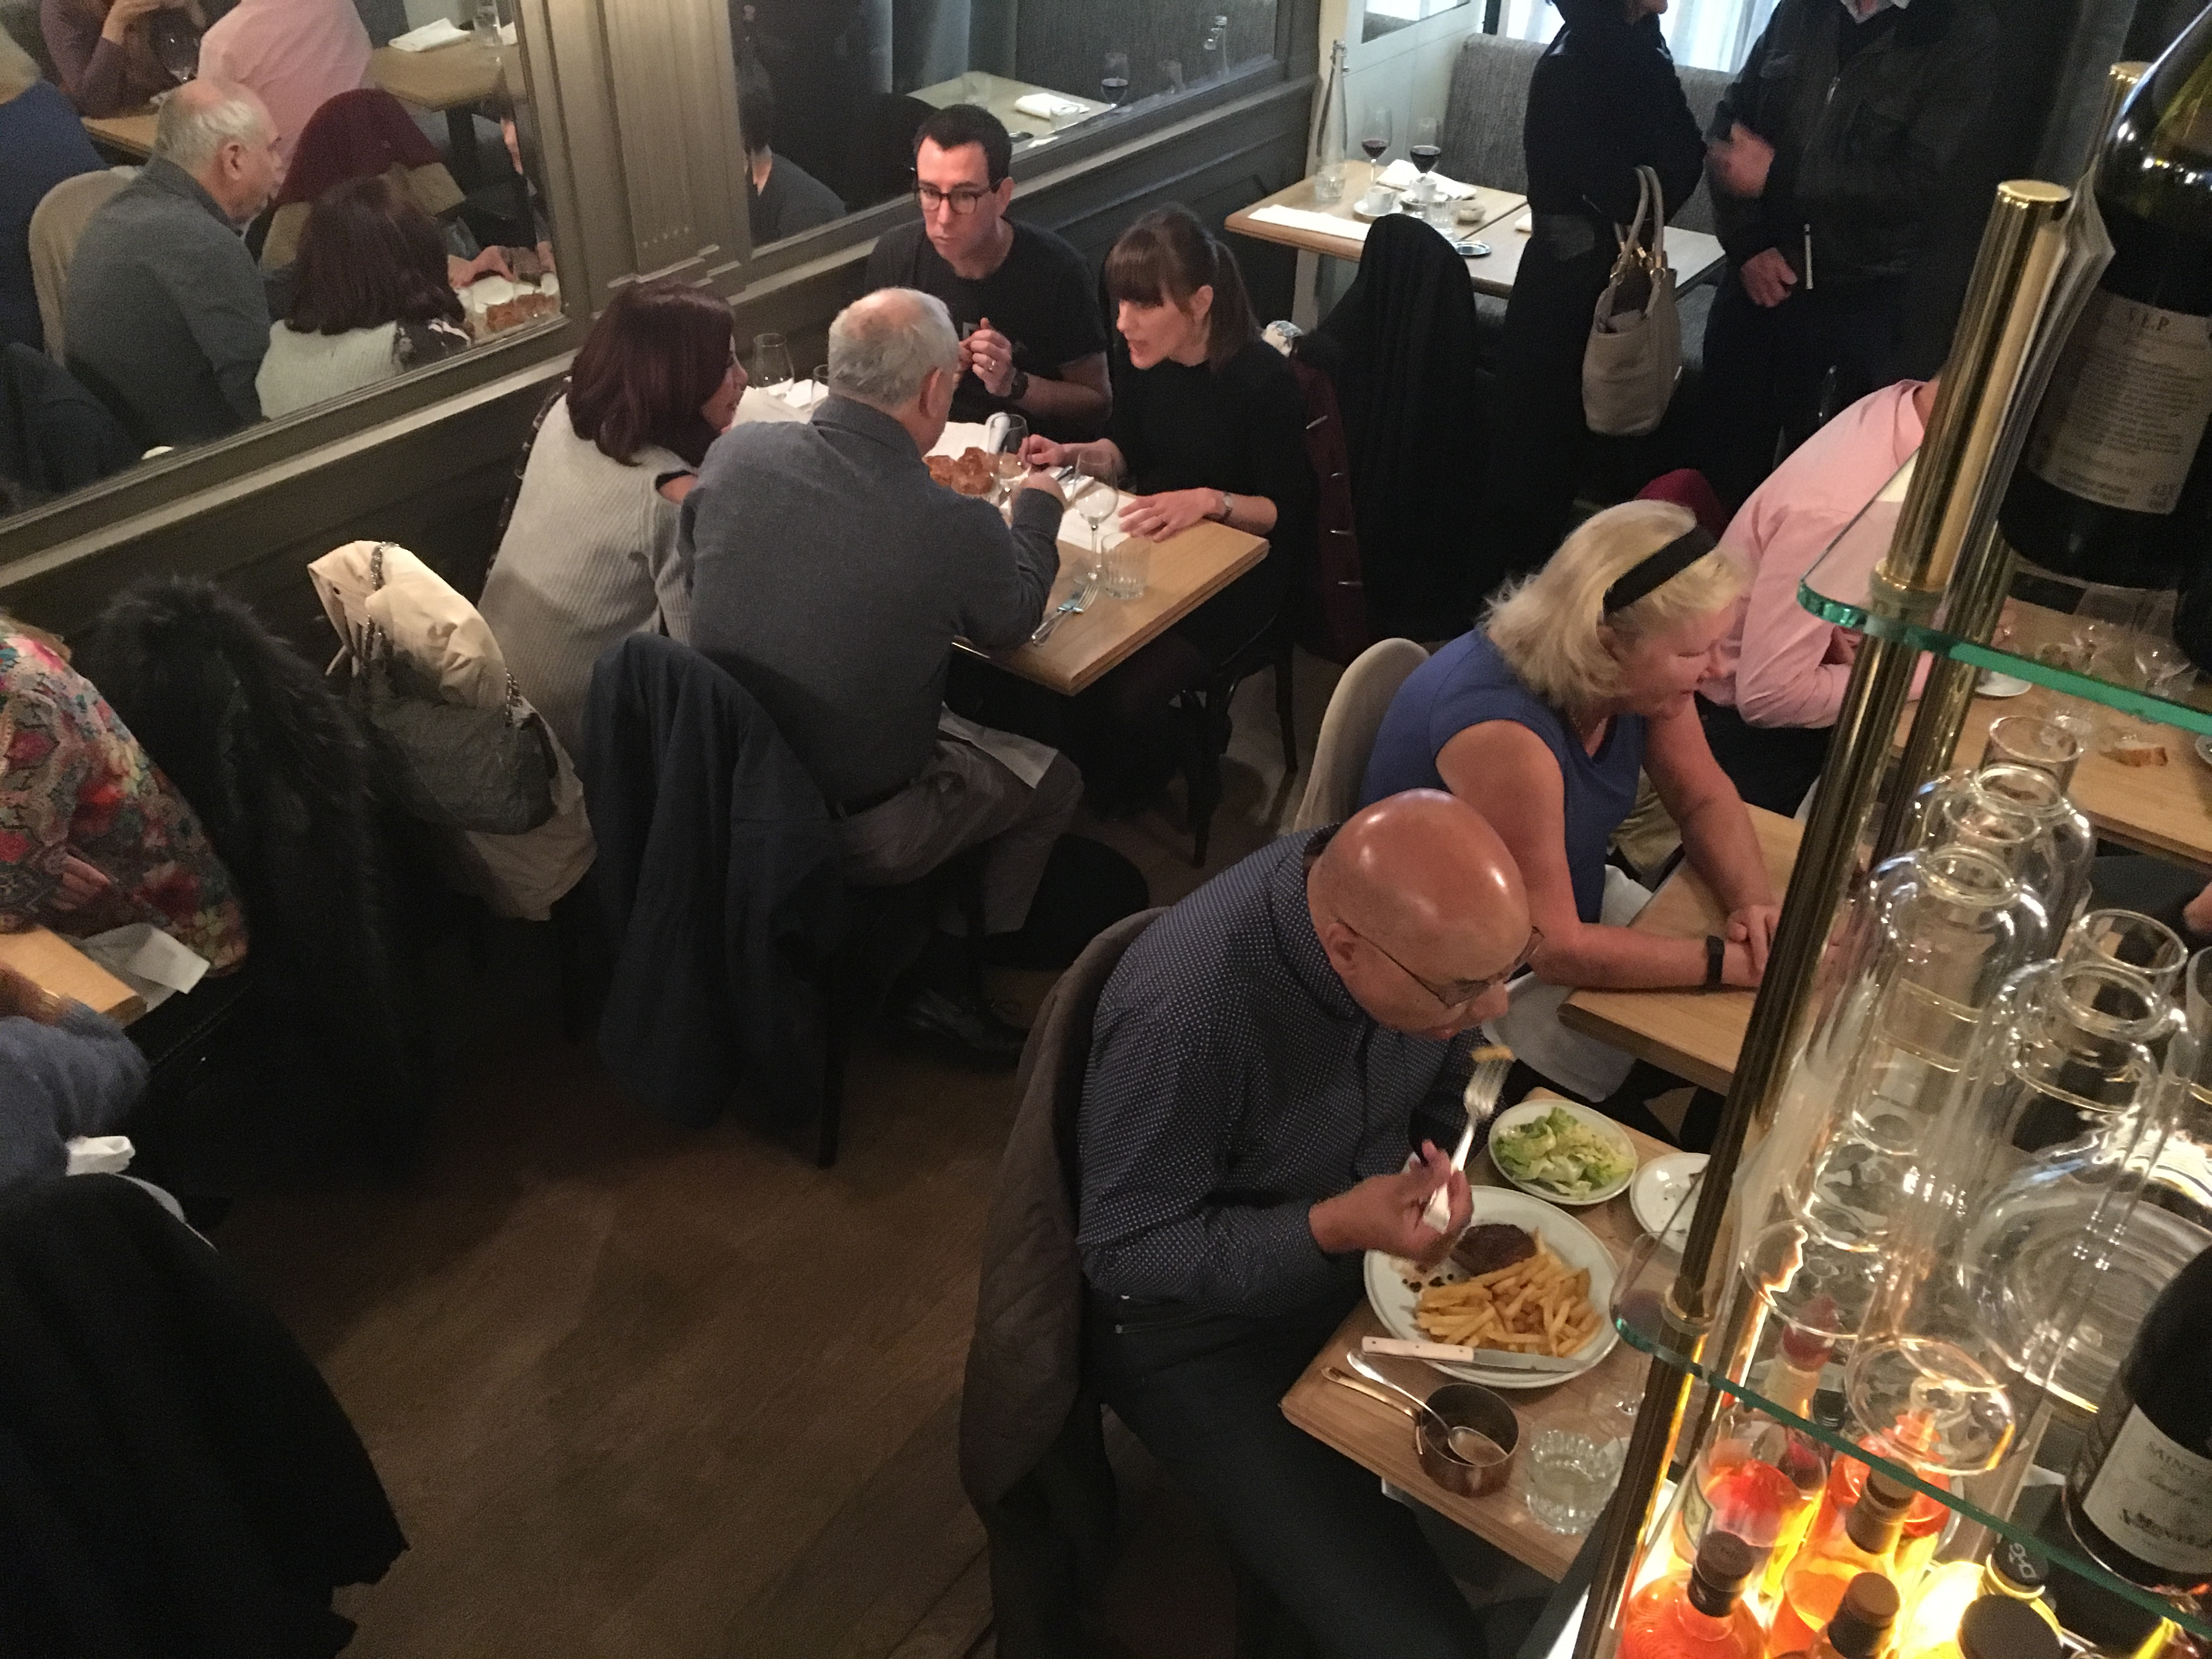 La Bourse et la Vie restaurant in Paris | parisbymouth.com